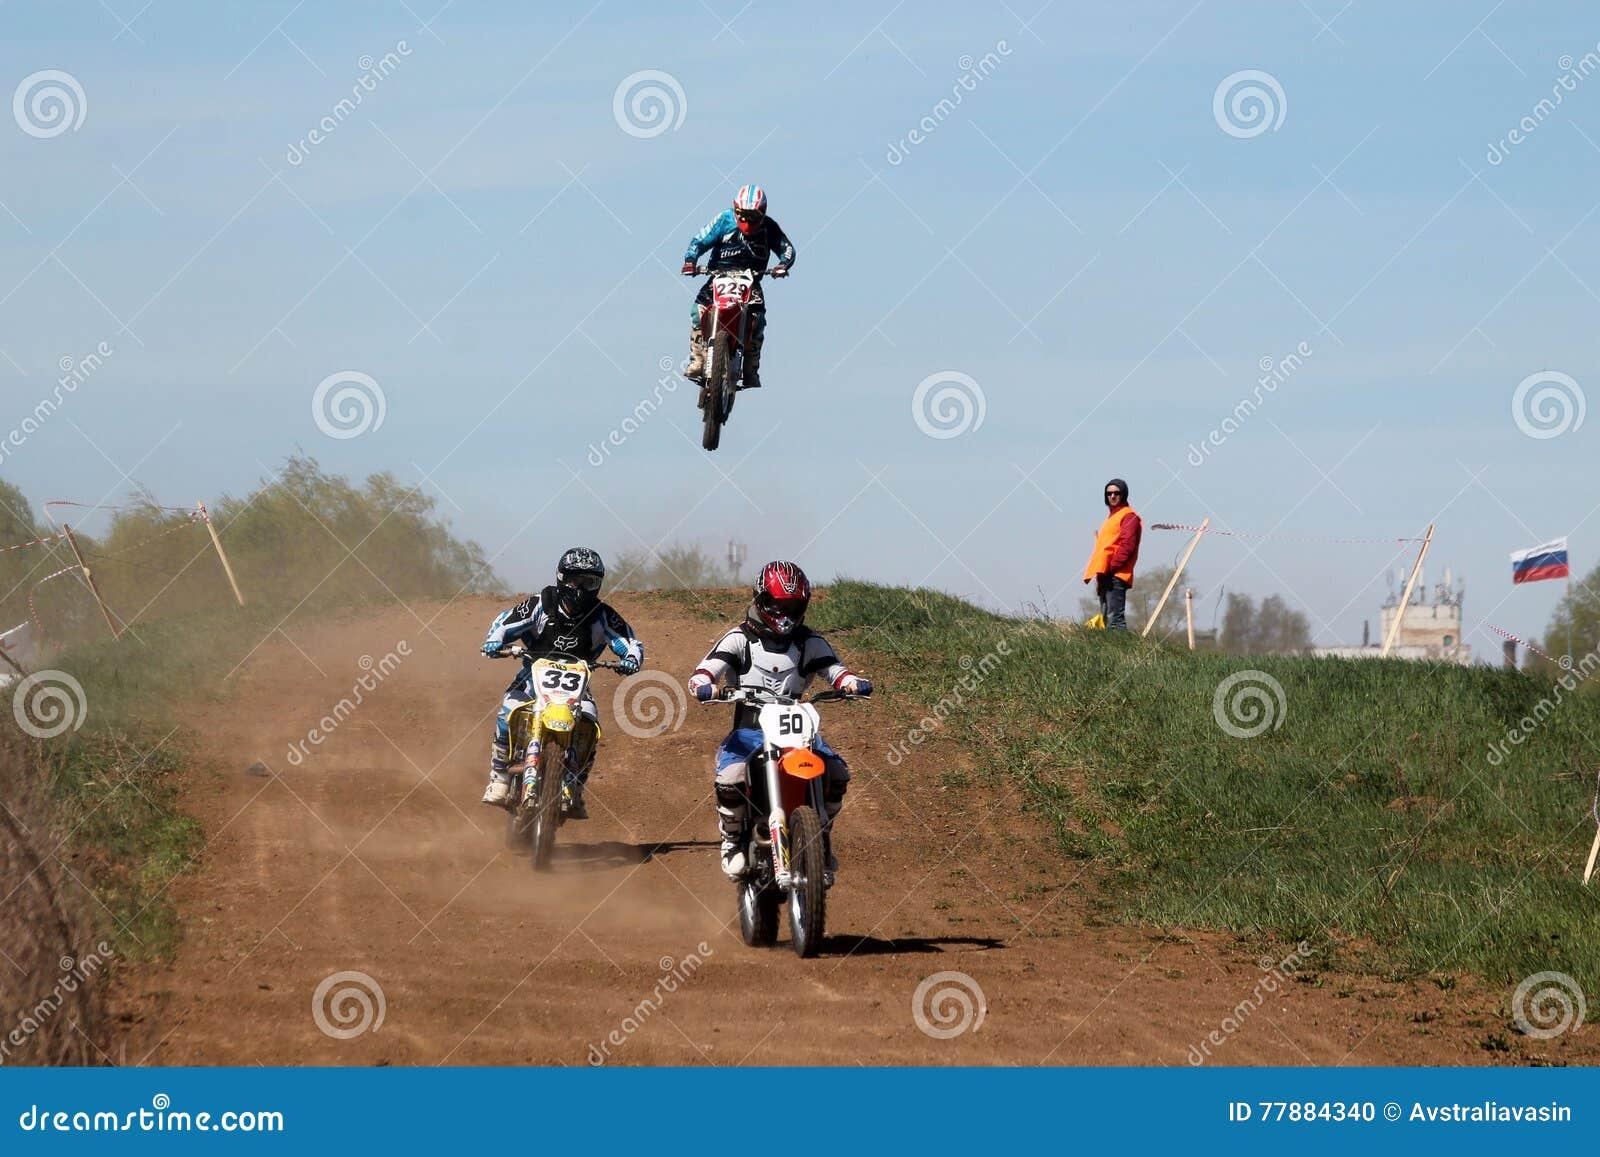 El Competir Con De La Motocicleta Imagen editorial